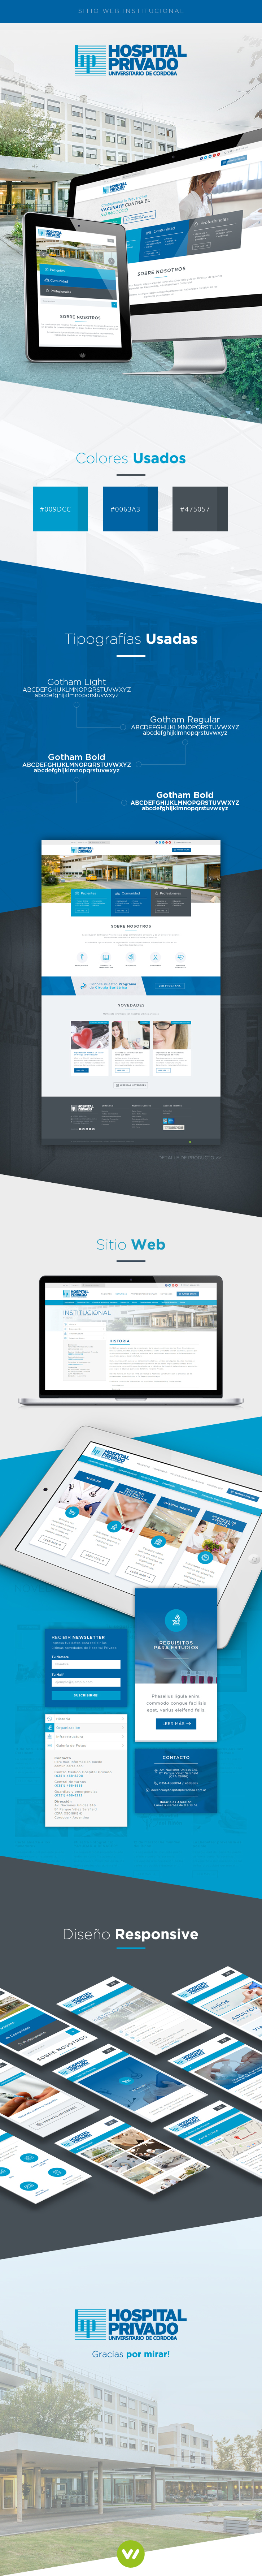 Pagina Web Hospital